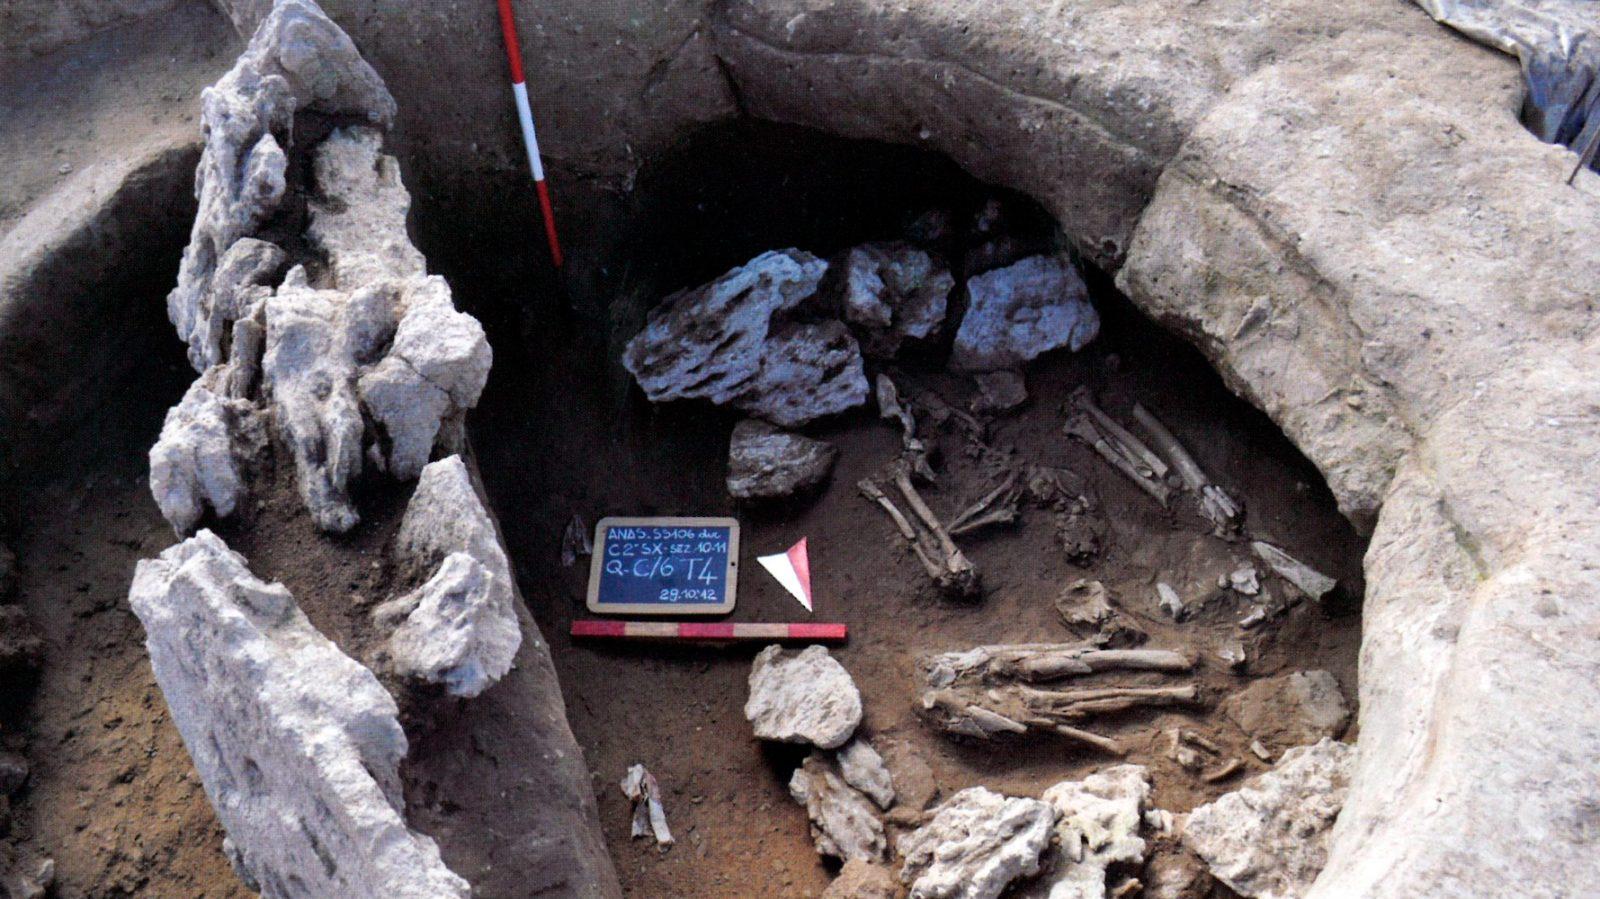 Tomba 4, la deposizione è inserita in un recinto quadrangolare di pietra (fonte: Anas, L'archeologia si fa strada. Scavi, scoperte e tesori lungo le vie d'Italia, 2017)